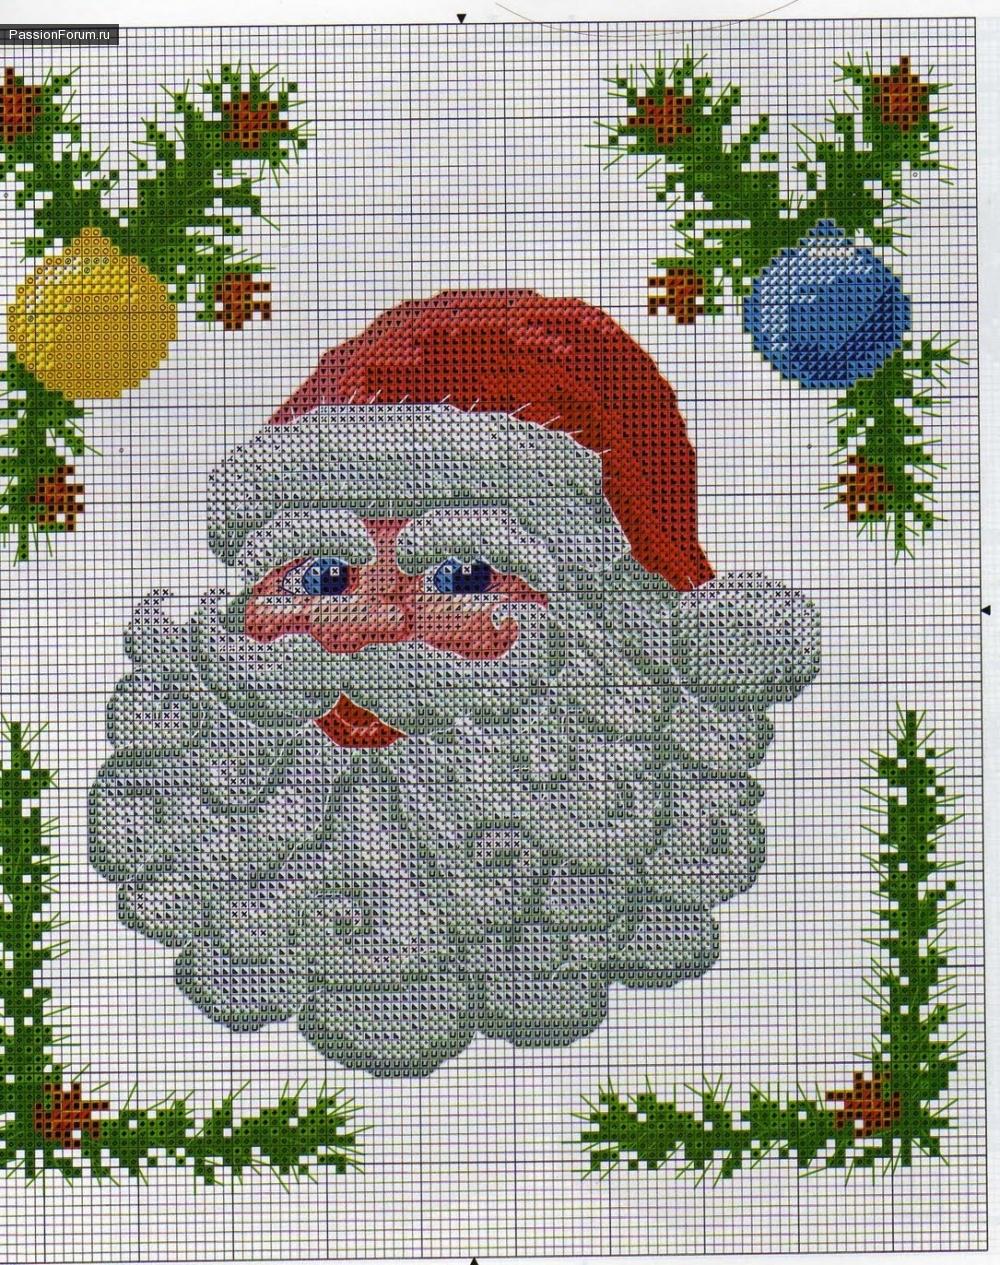 Вышивка крестом картин с изображением Деда Мороза 22